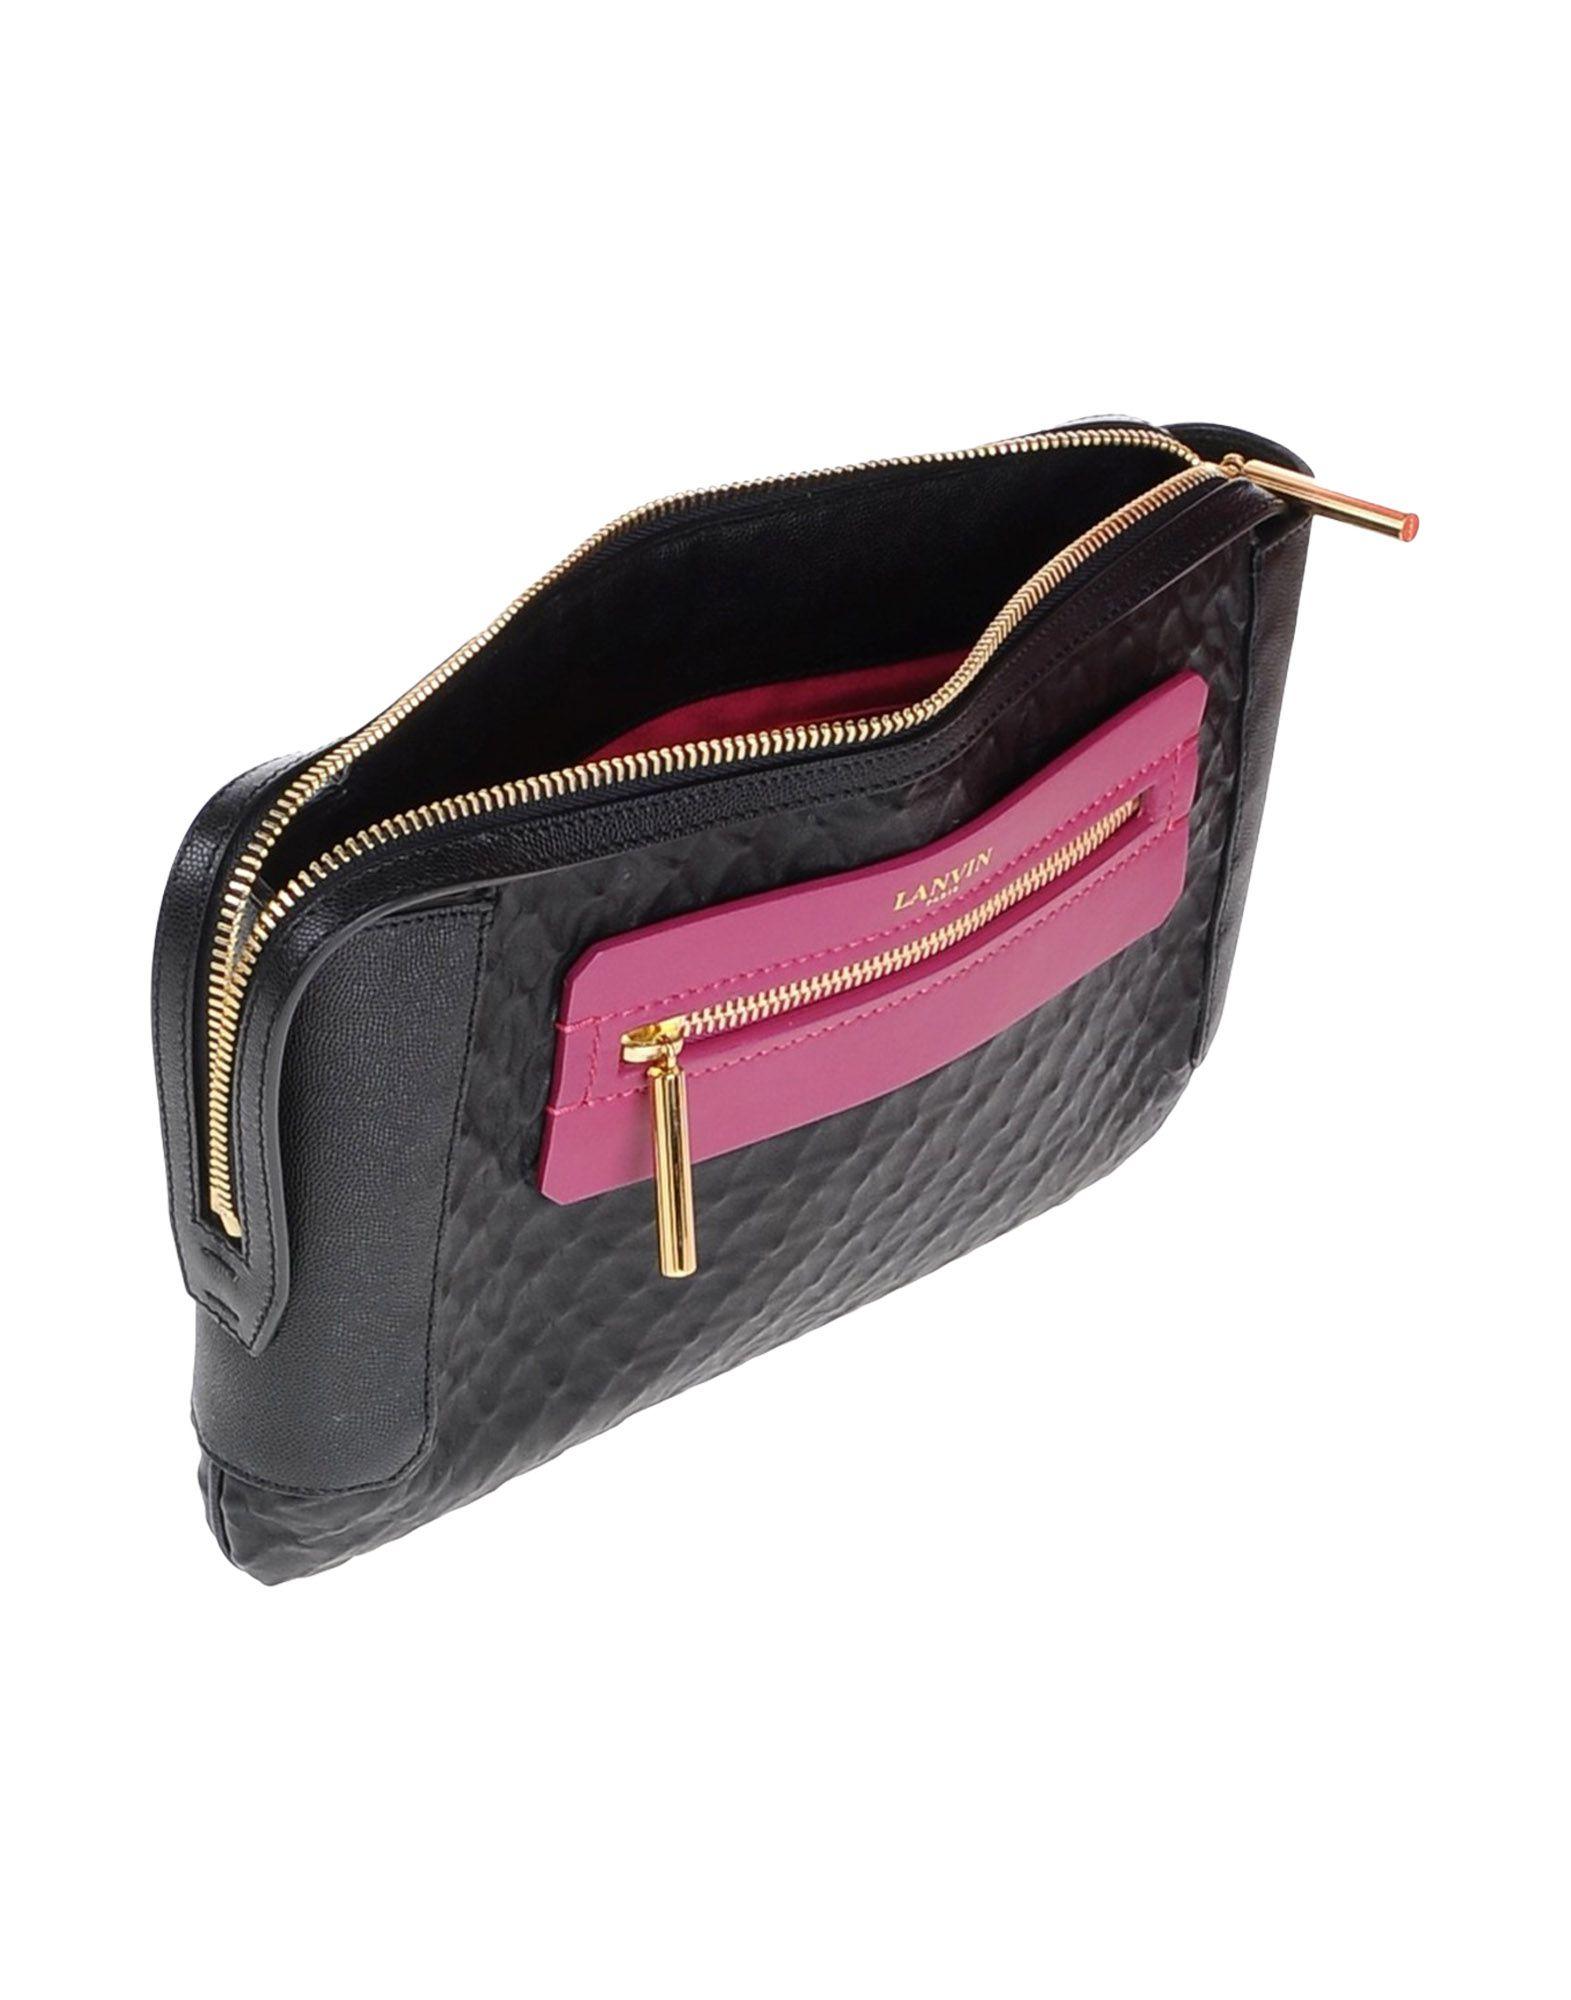 Lanvin Handbag in Black